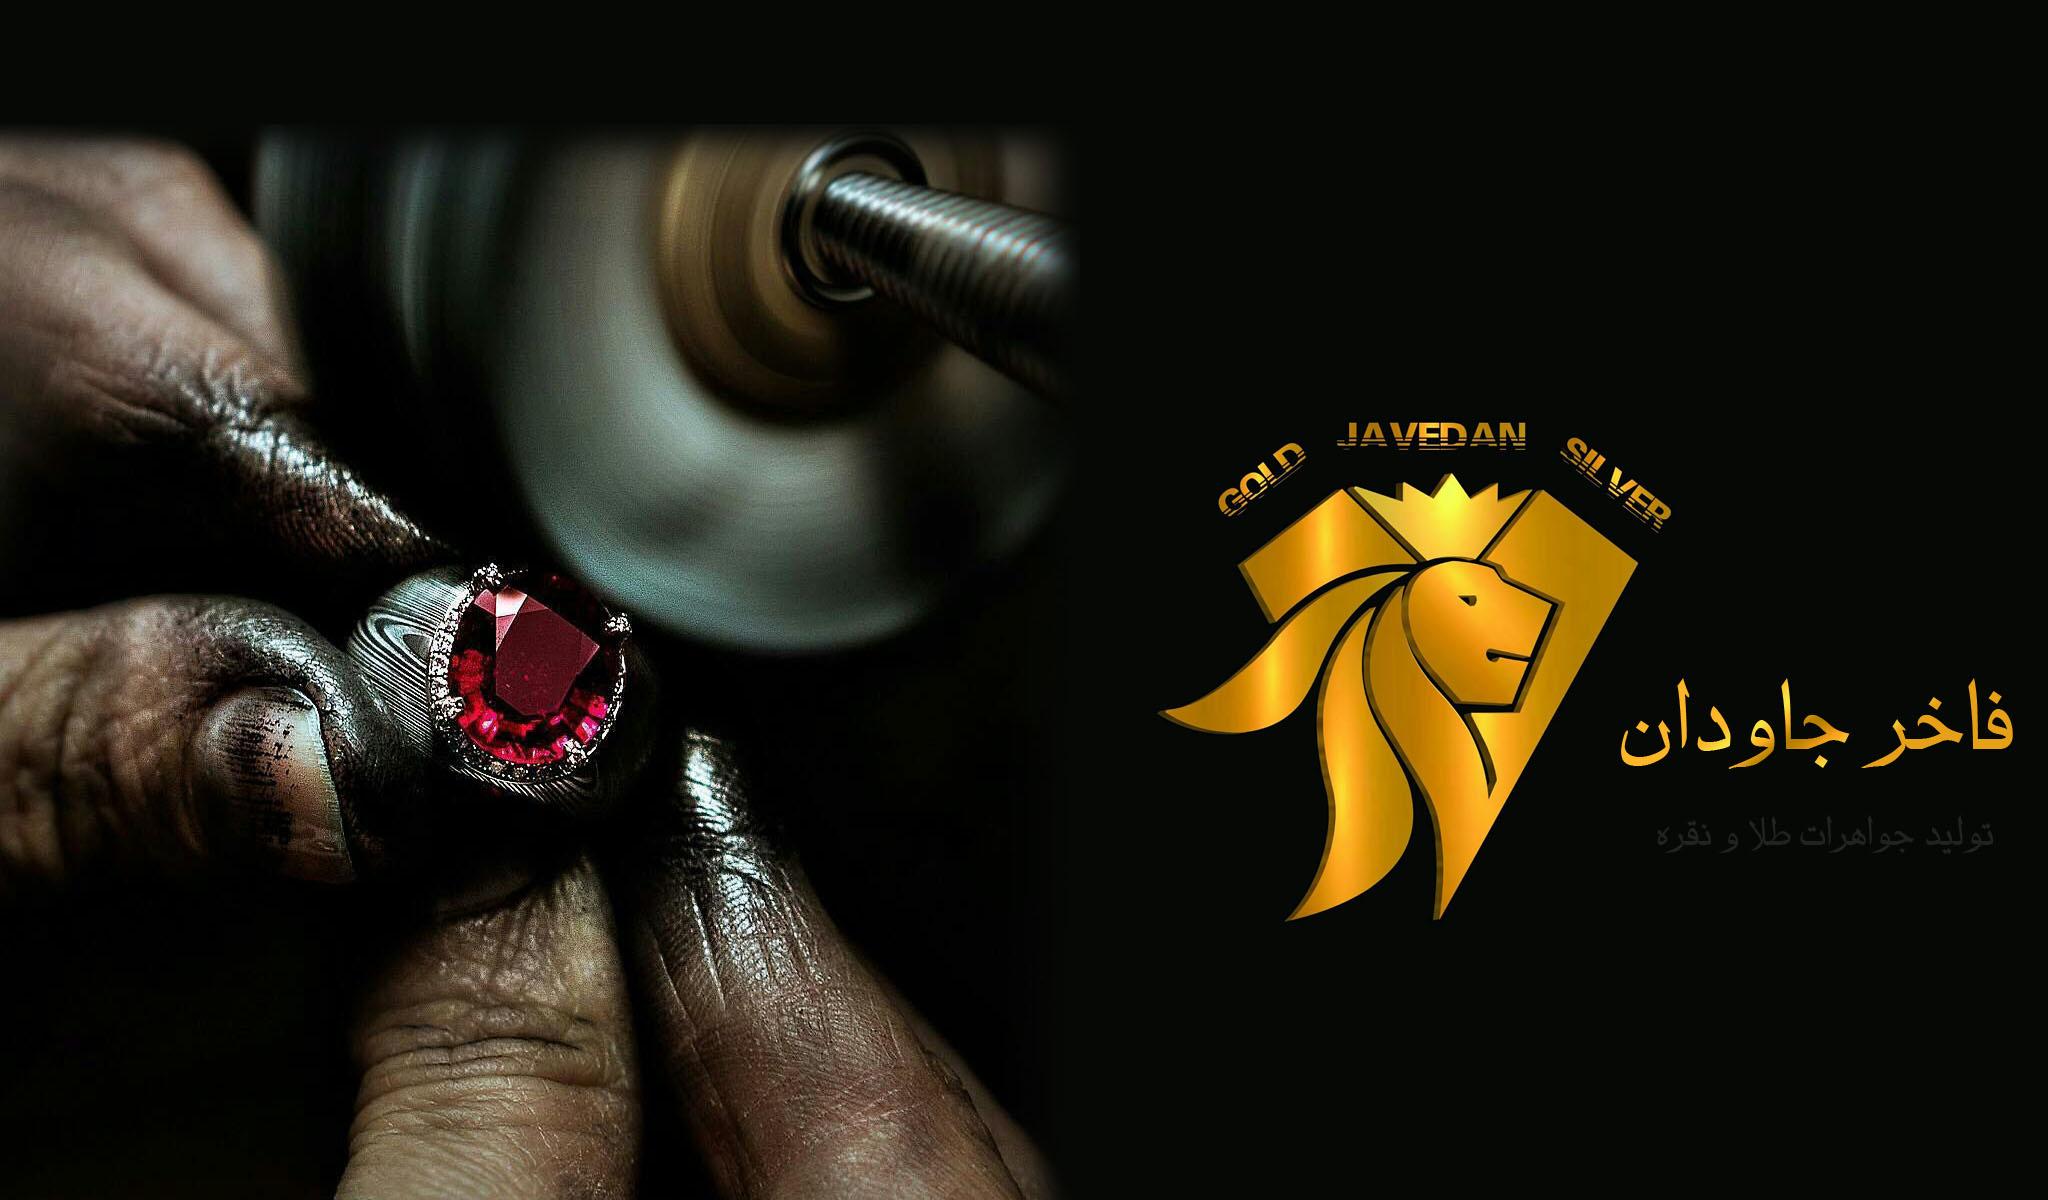 جواهرات دست ساز فاخر جاودان